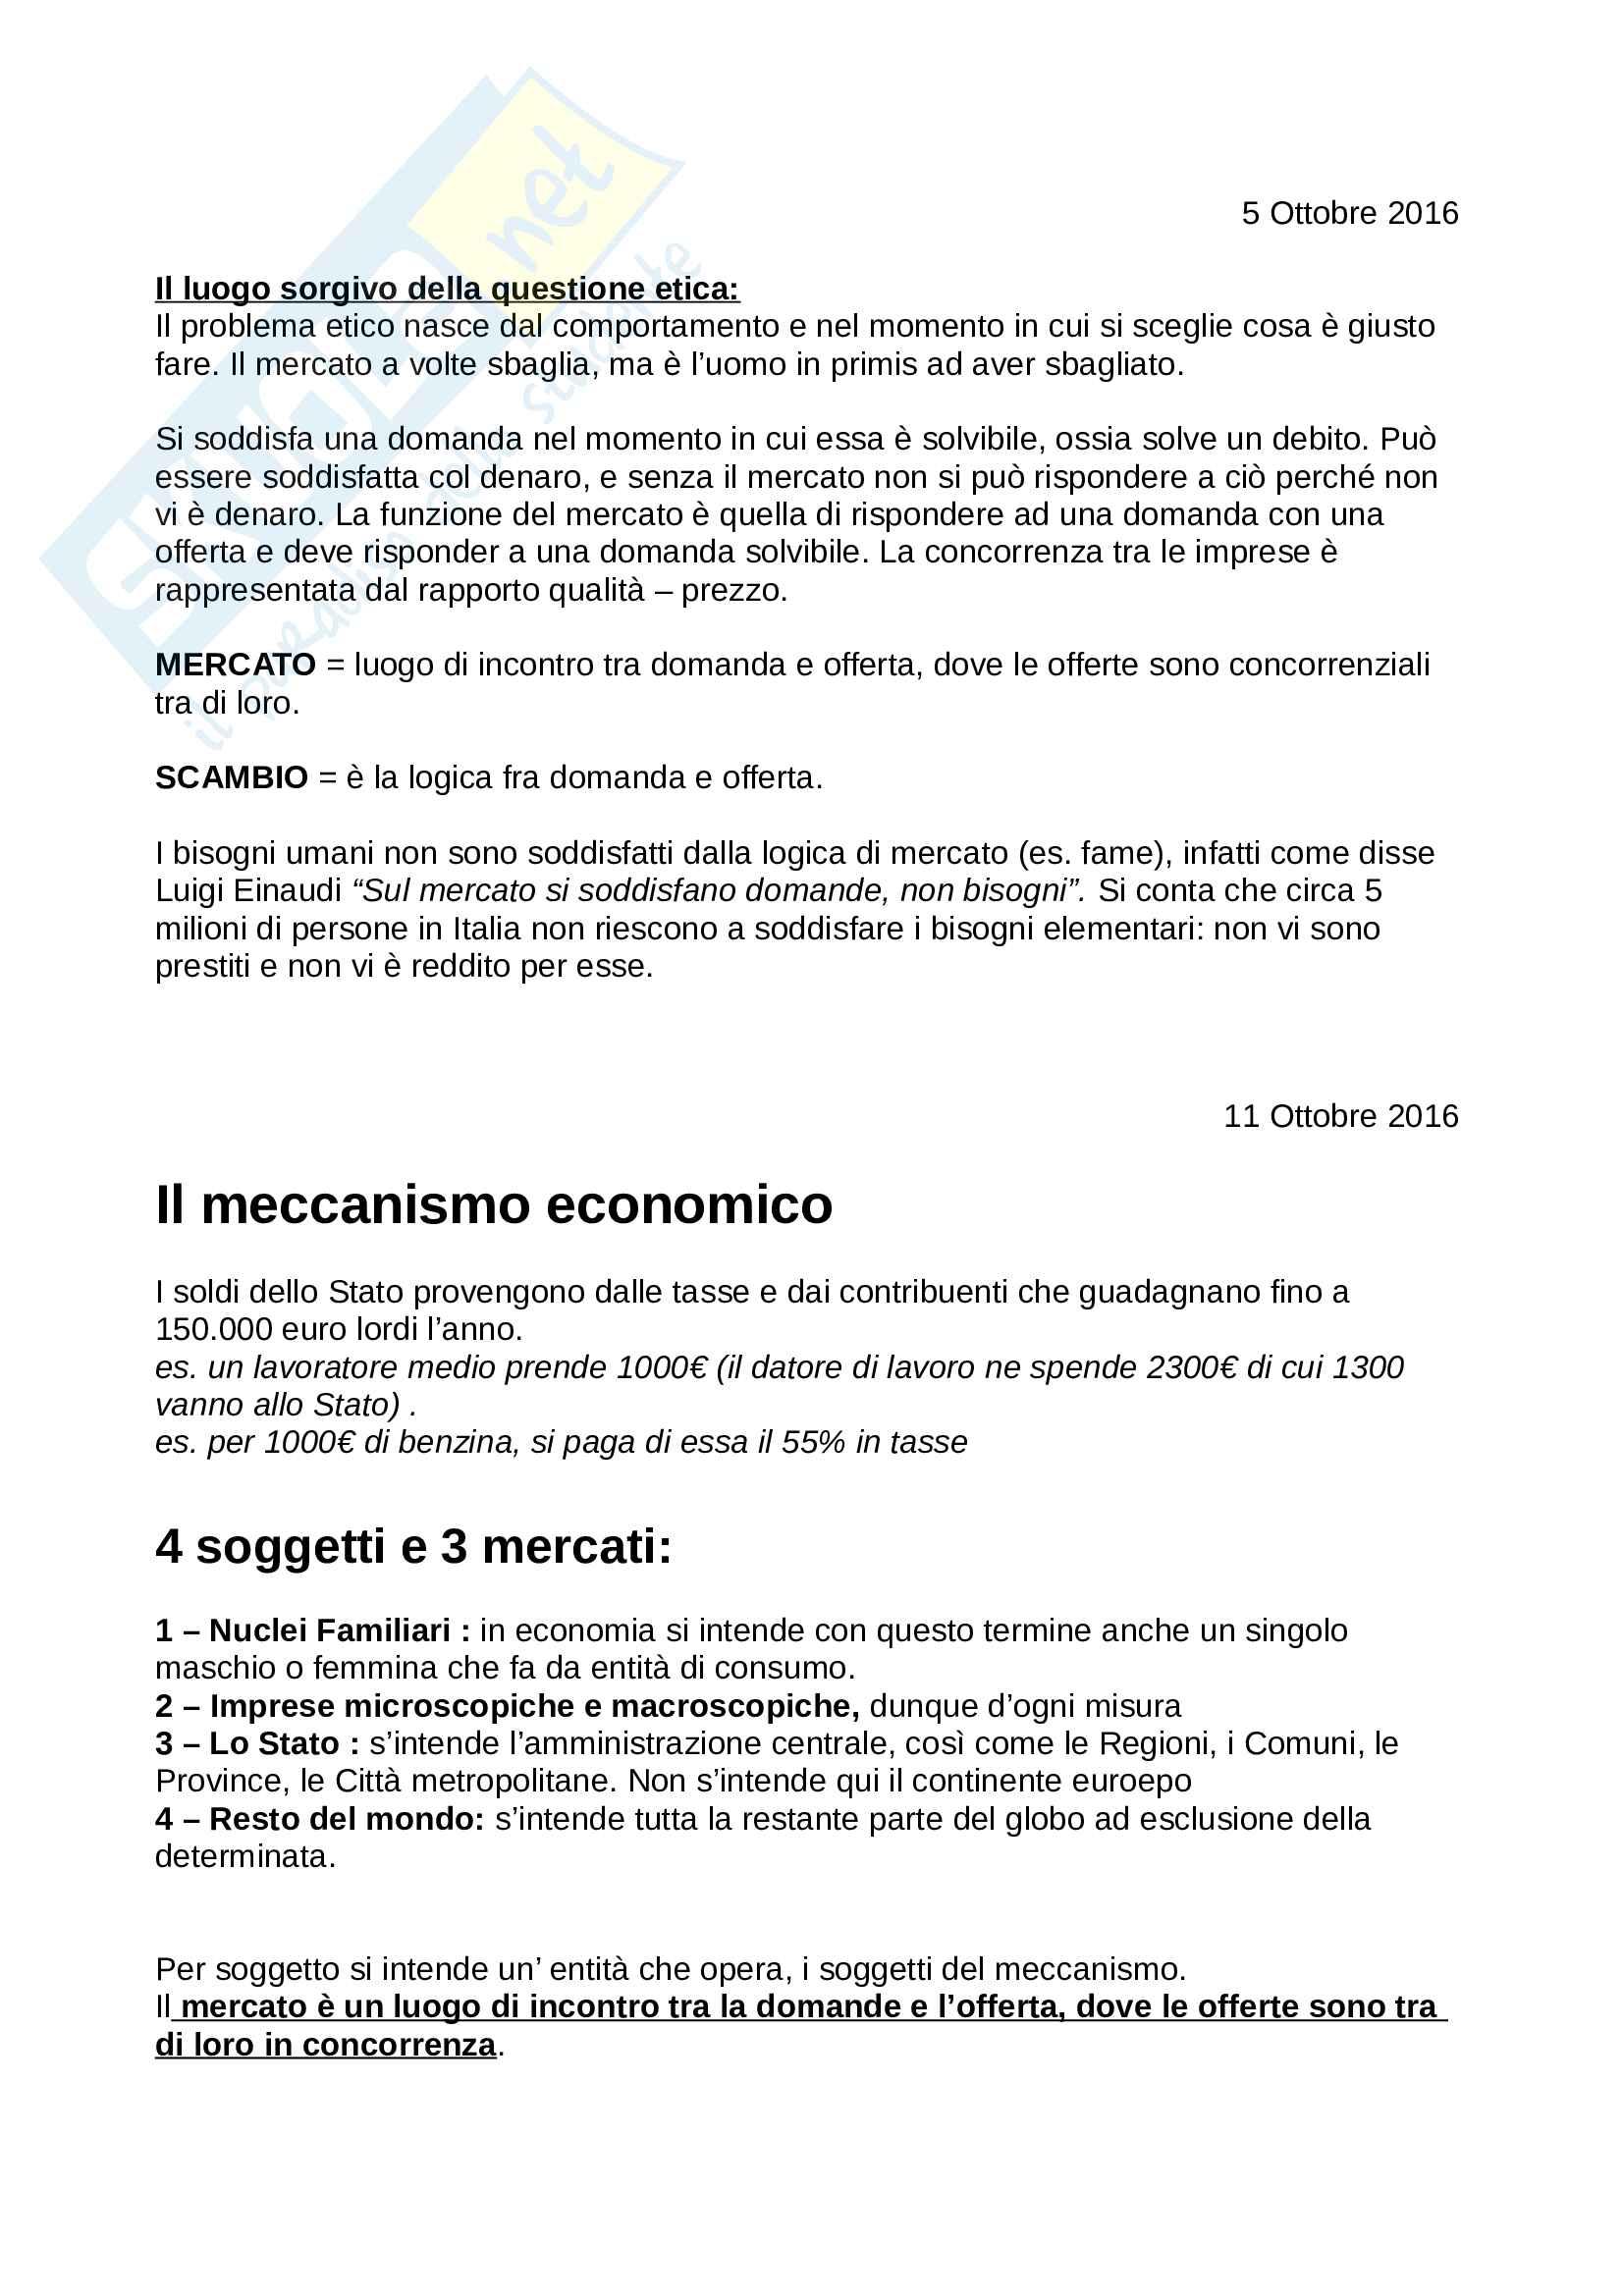 Appunti Etica ed economia